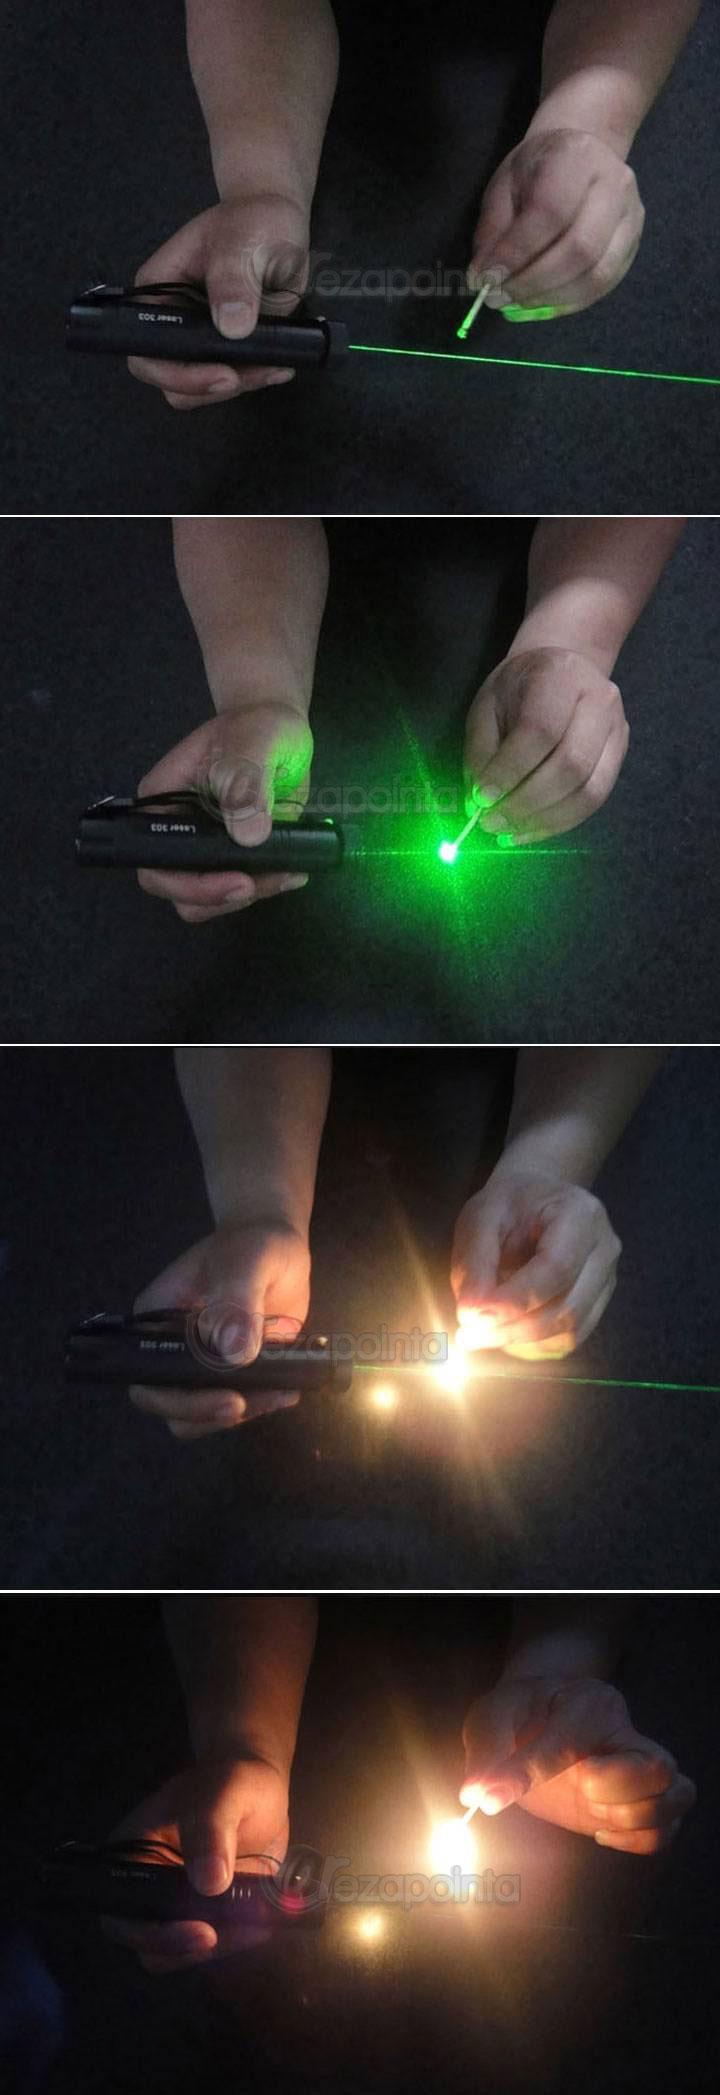 レーザーポインター マッチに点火